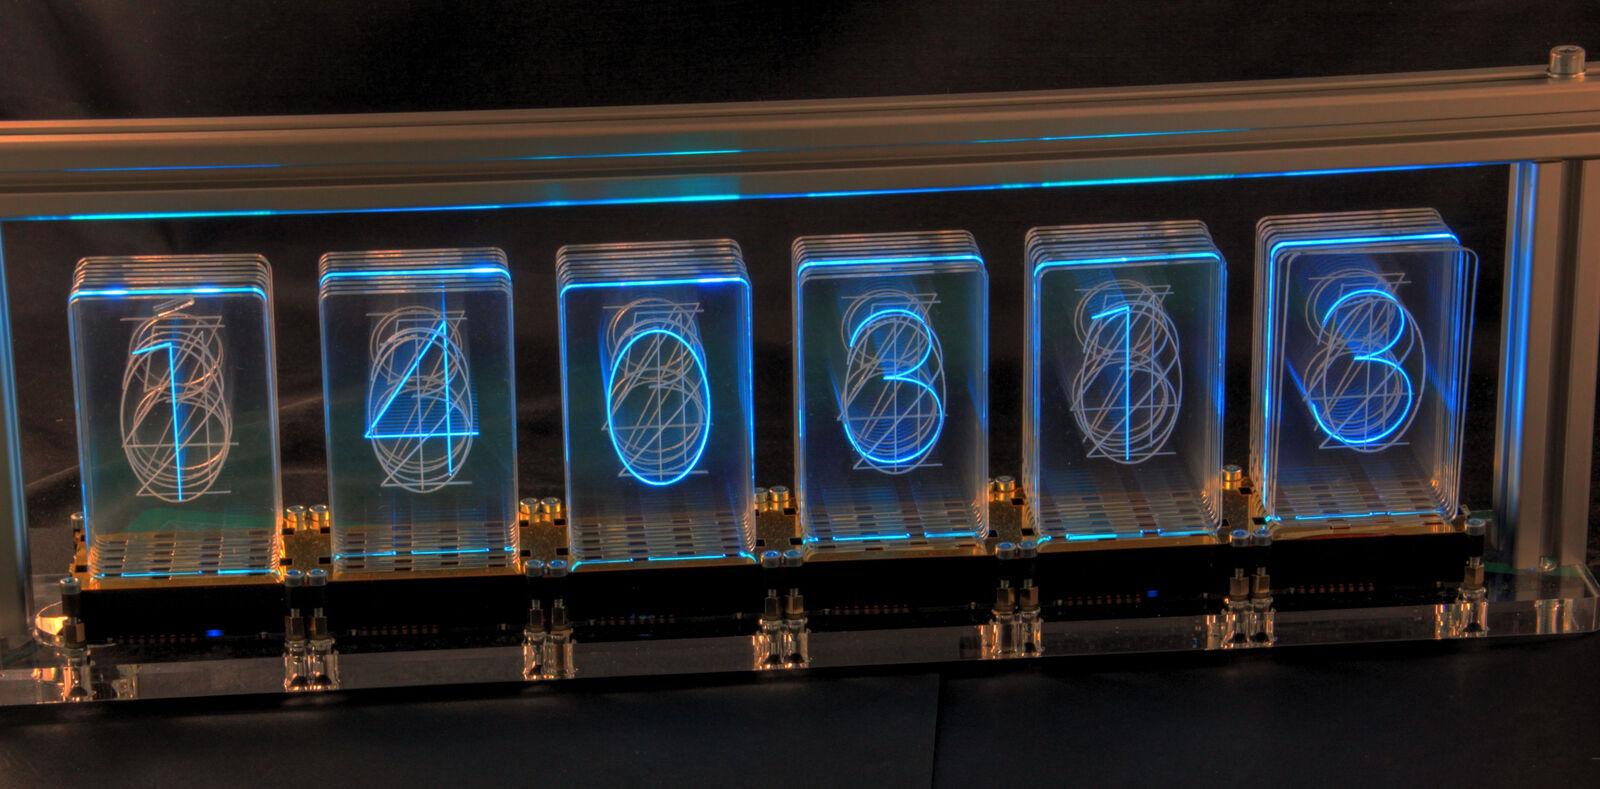 LED-Nixie-l 6-dígitos kit LED-reloj Nixie diseño con controlador controlador controlador RTC 9346db